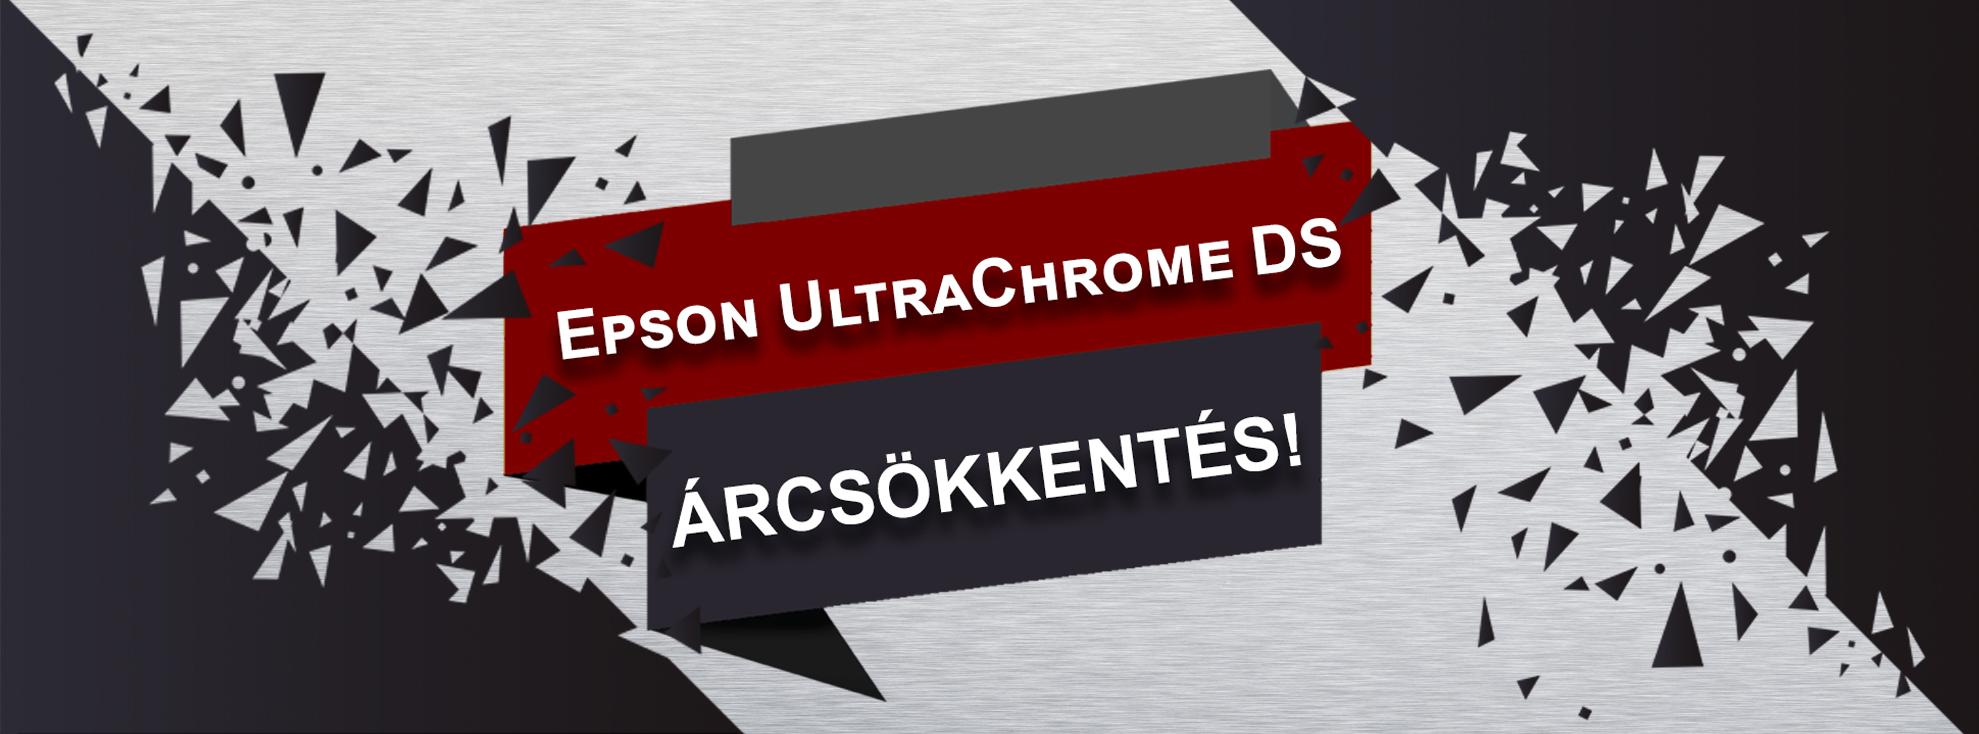 Epson UltraChrome DS árcsökkentés!